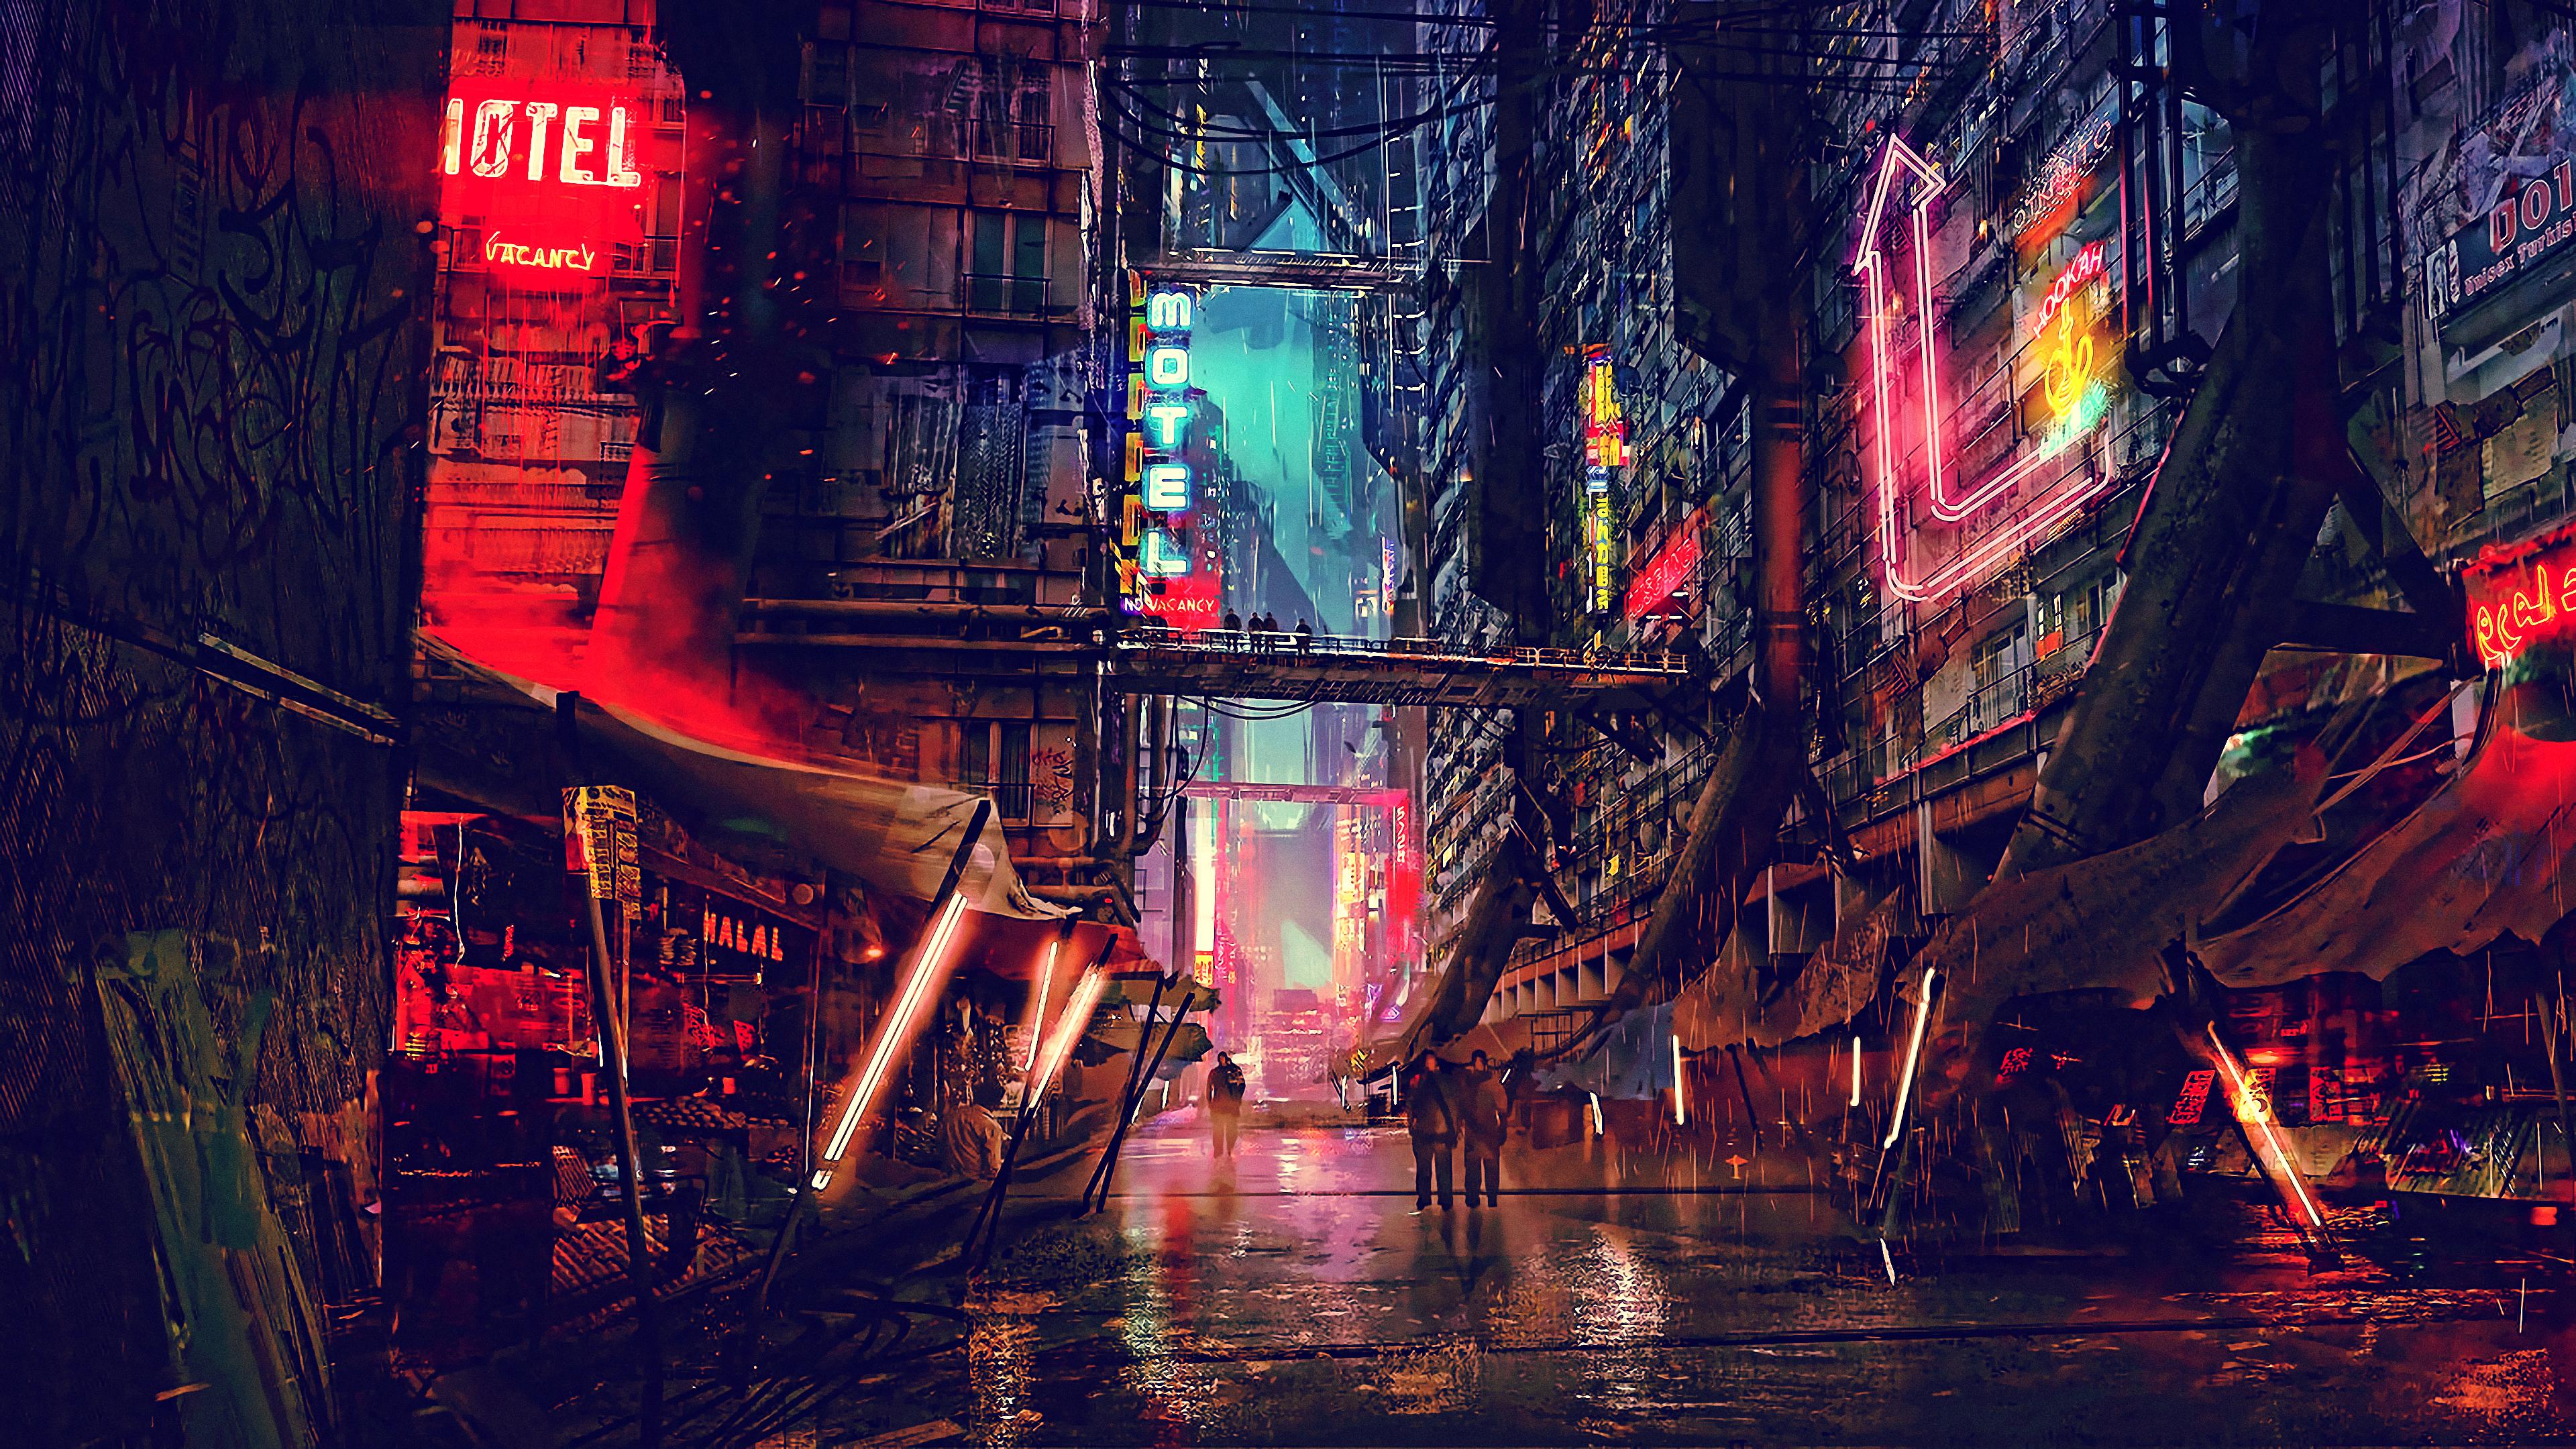 wallhaven-656431.jpg - Cyberpunk 2077